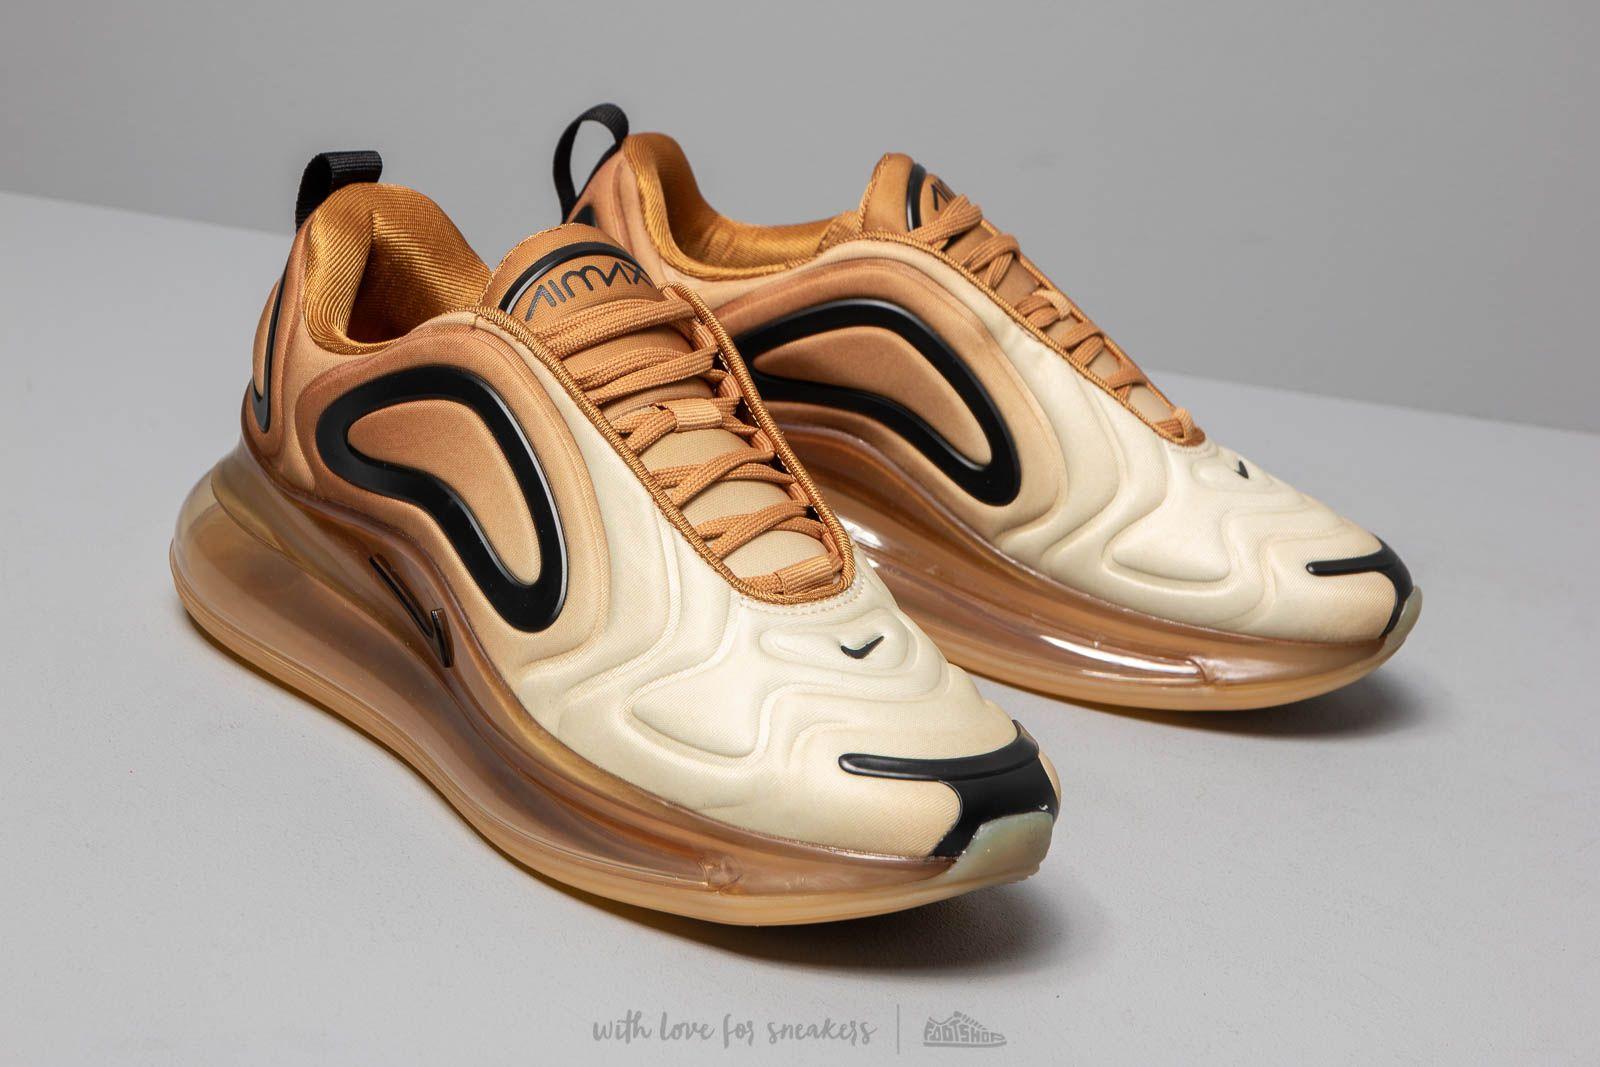 a96cd889bf6c4e Nike W Air Max 720 Wheat  Black-Club Gold-Desert Ore at a